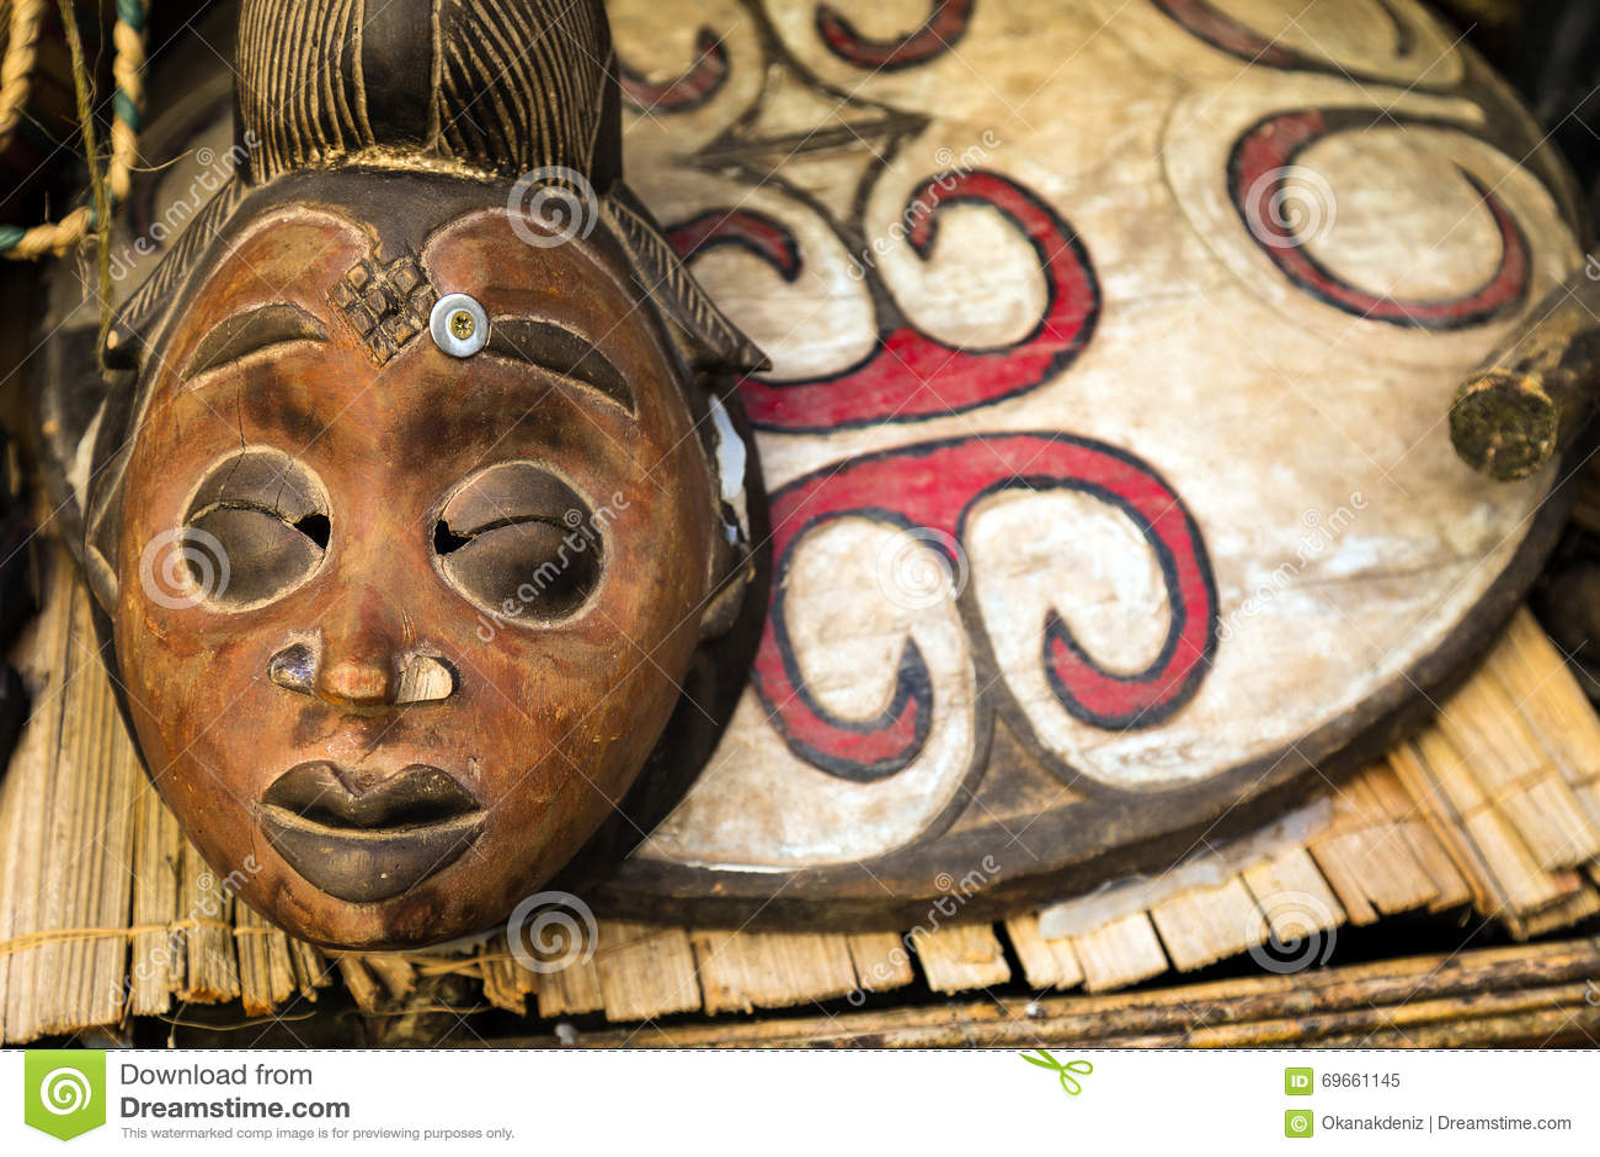 Αφρικανική μάσκα τοτέμ